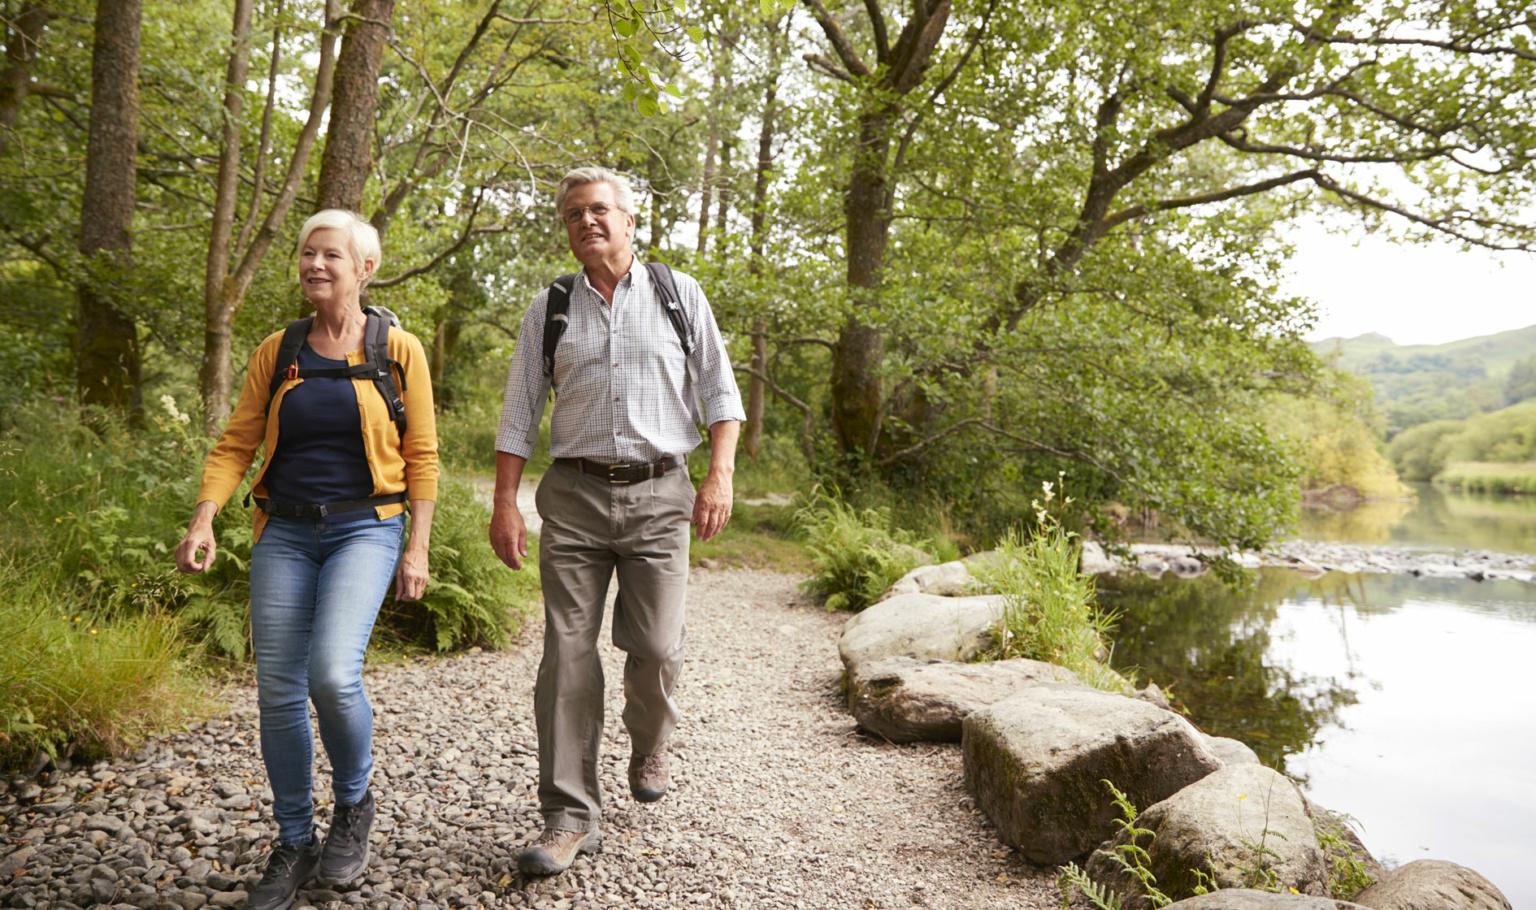 Et par går på tur i naturen. Foto.